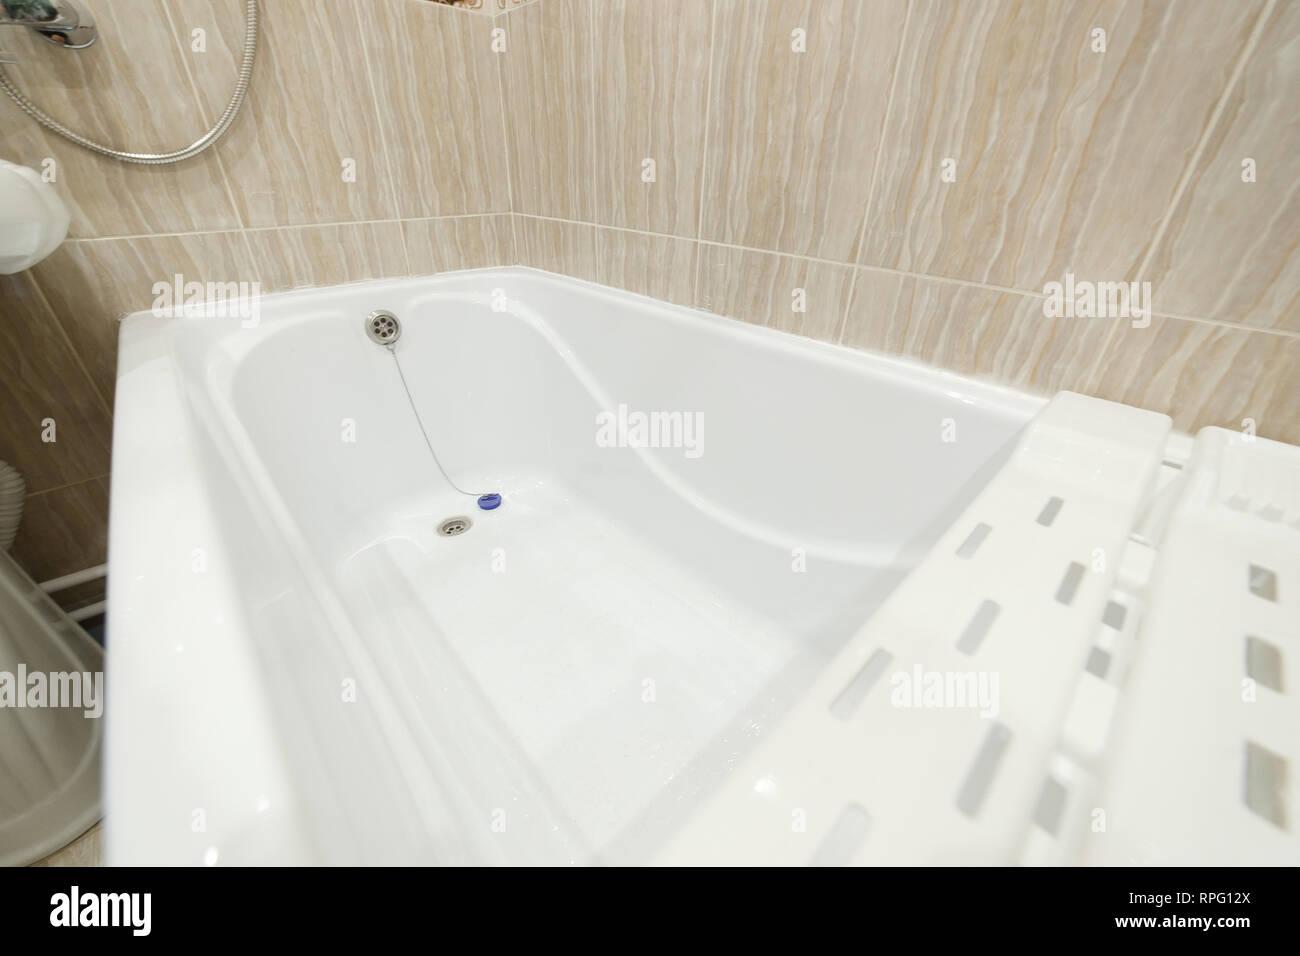 Sauberes Bad Badewanne, Badewanne, Badezimmer weiß hygienisch ...